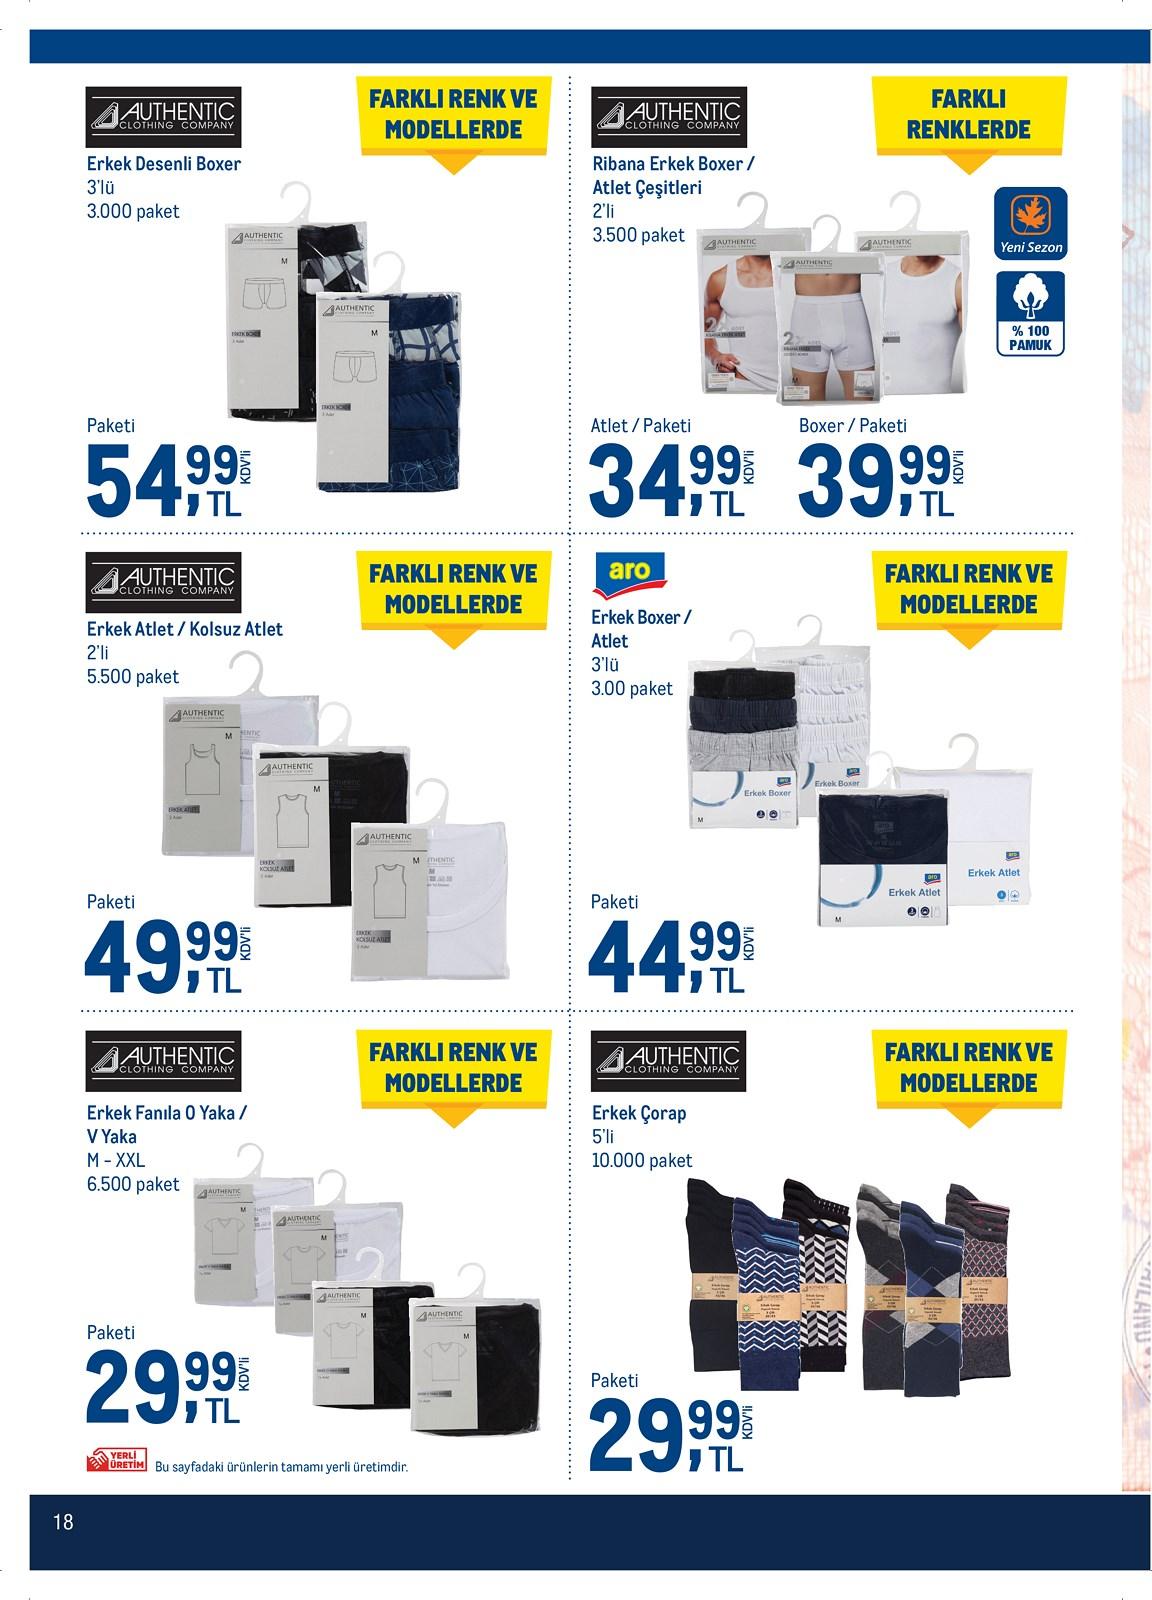 03.06.2021 Metro broşürü 23. sayfa